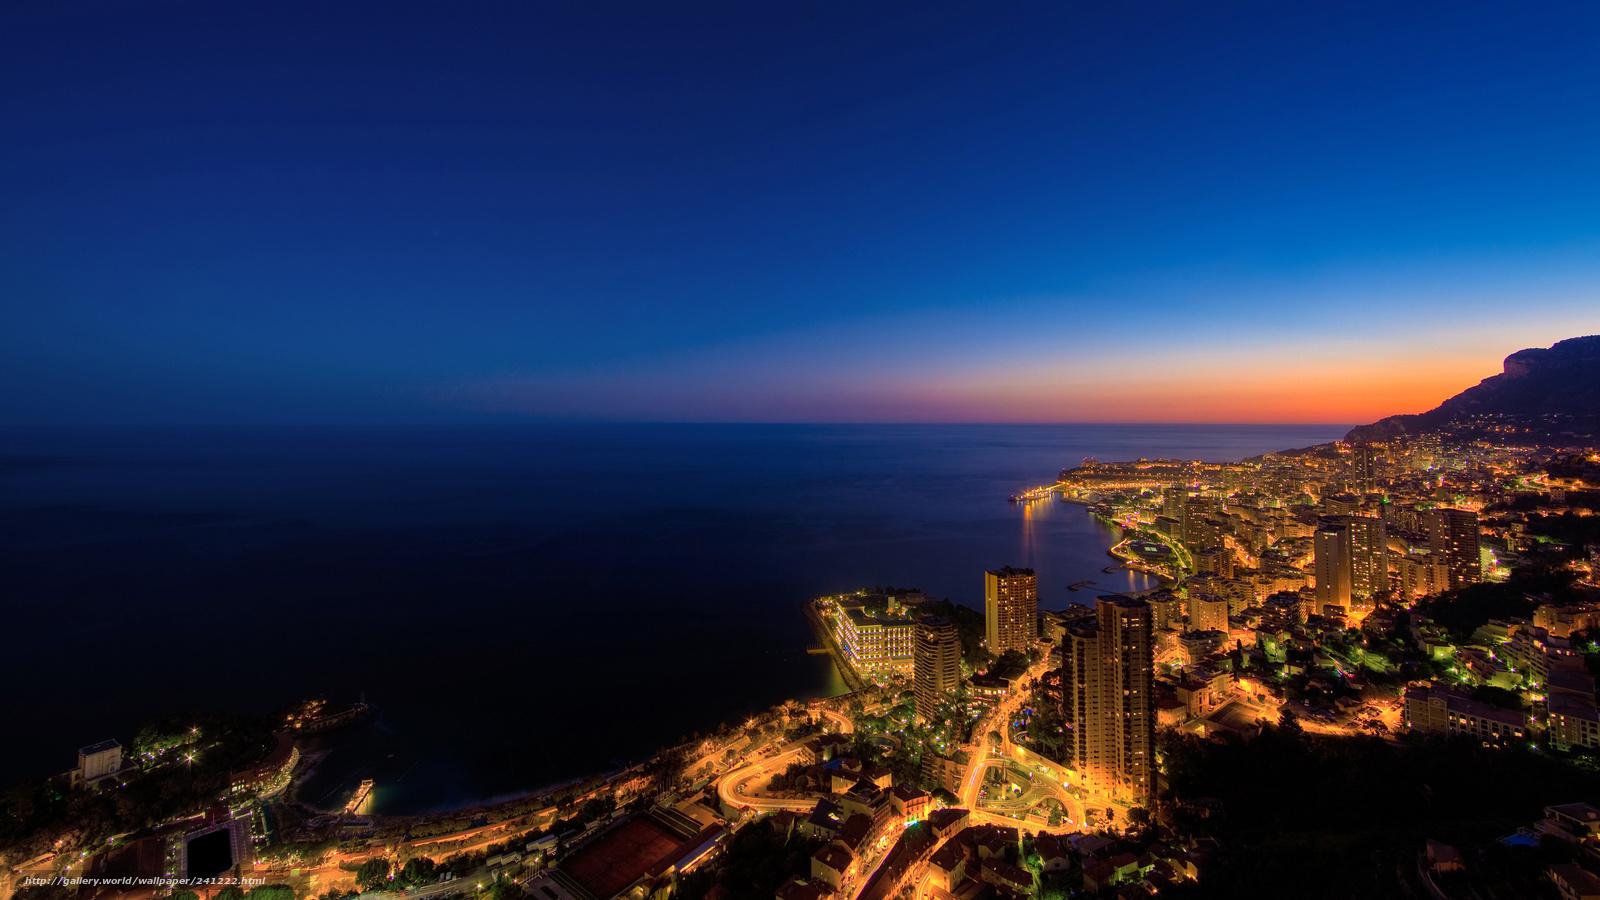 Descargar gratis Fondo de pantalla con las ciudades,  noche,  luces,  casa Fondos de escritorio en la resolucin 2560x1440 — imagen №241222